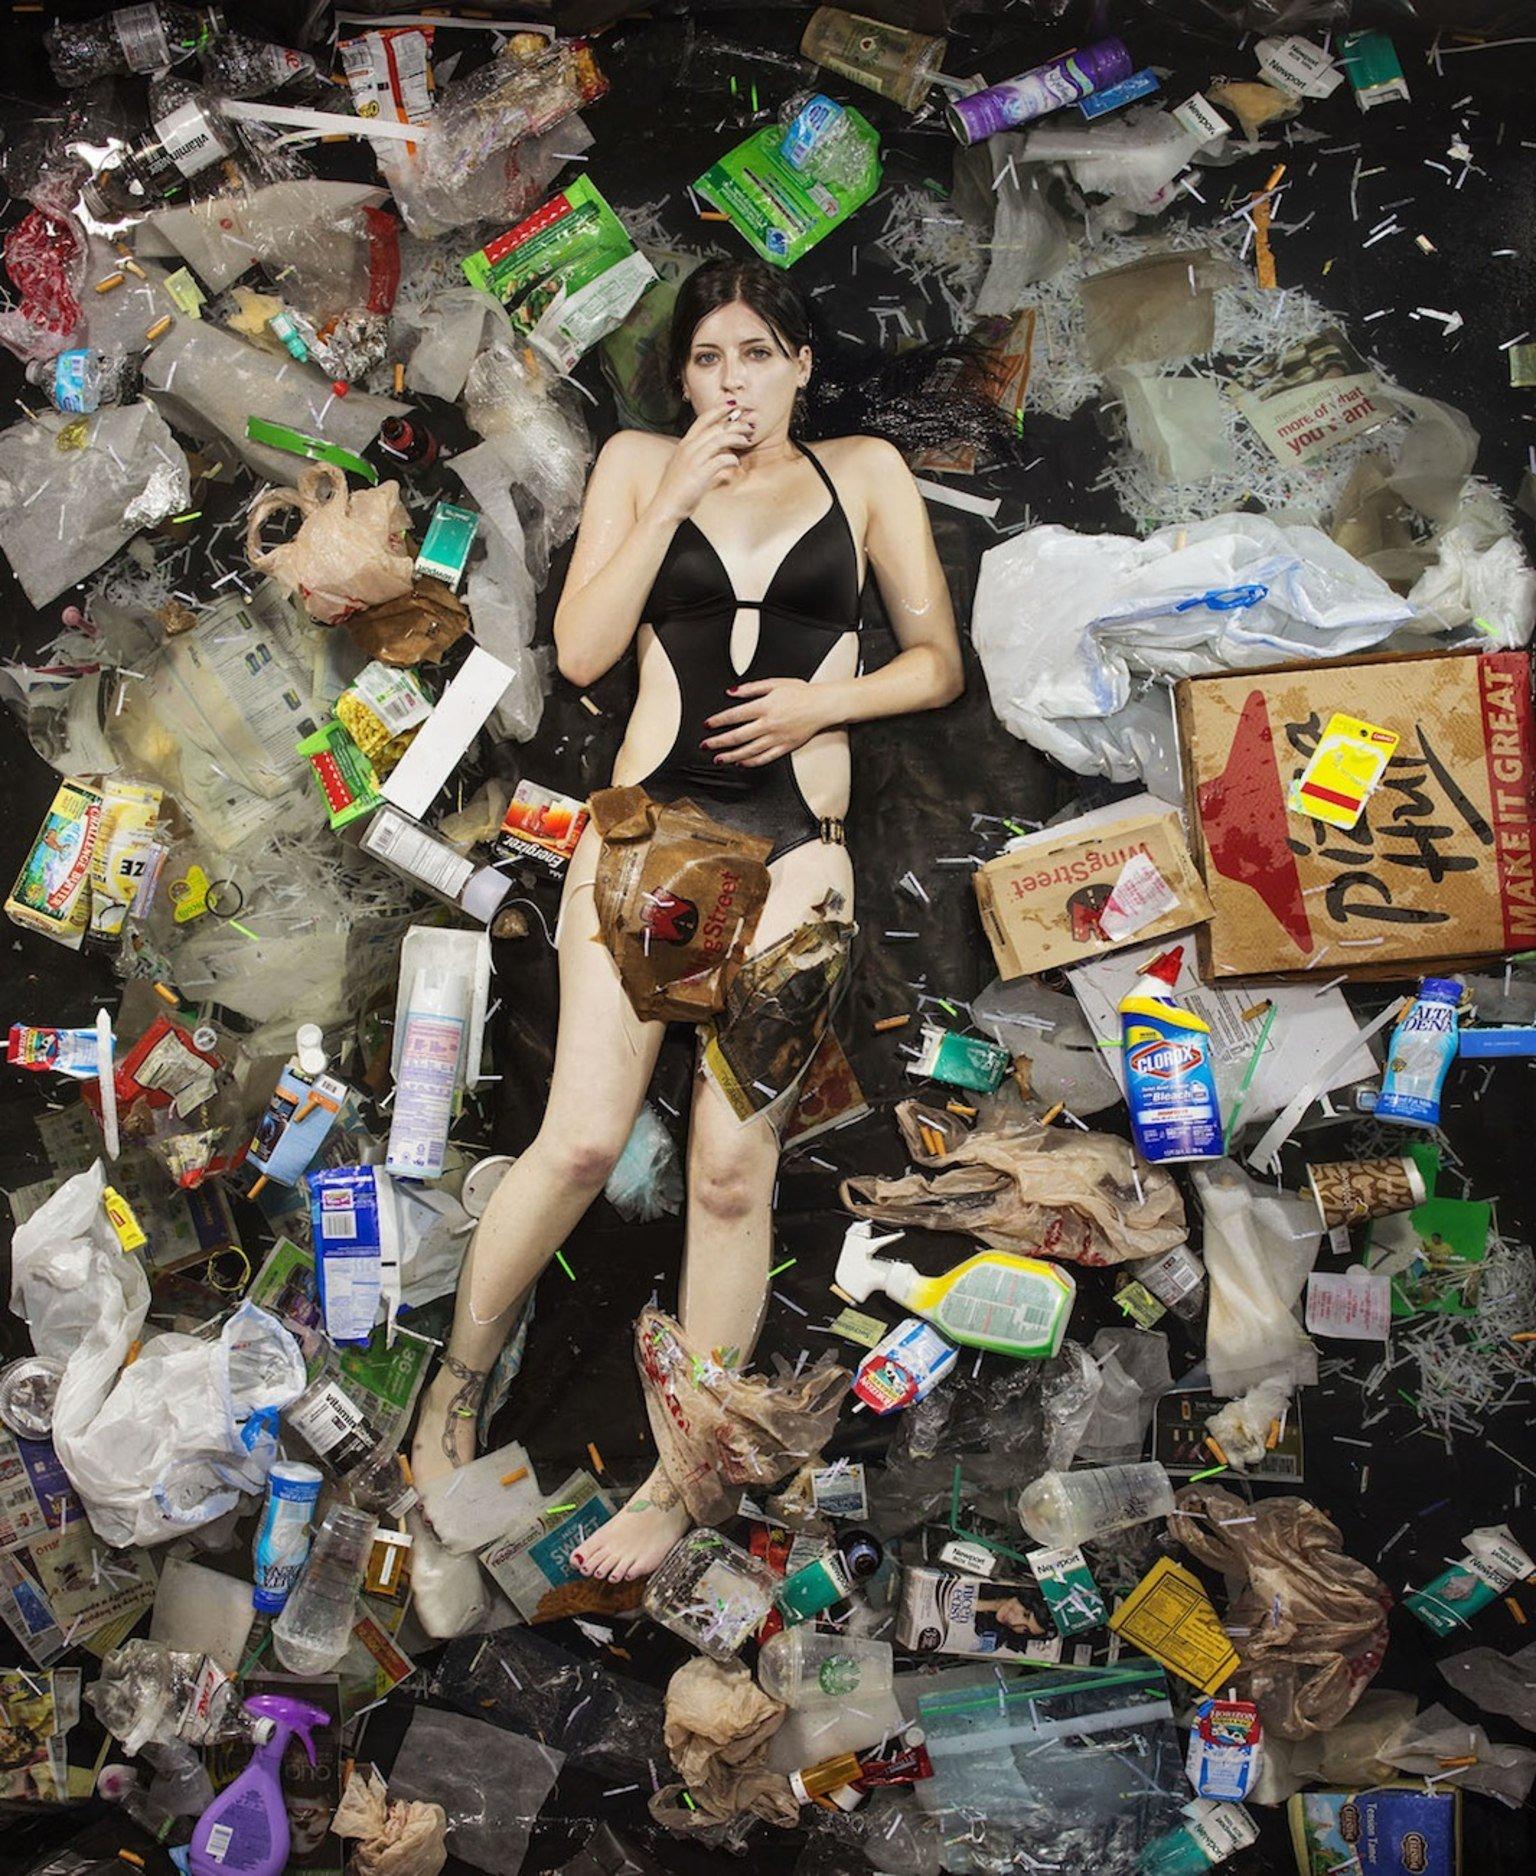 Personas viviendo con su basura durante 7 dias